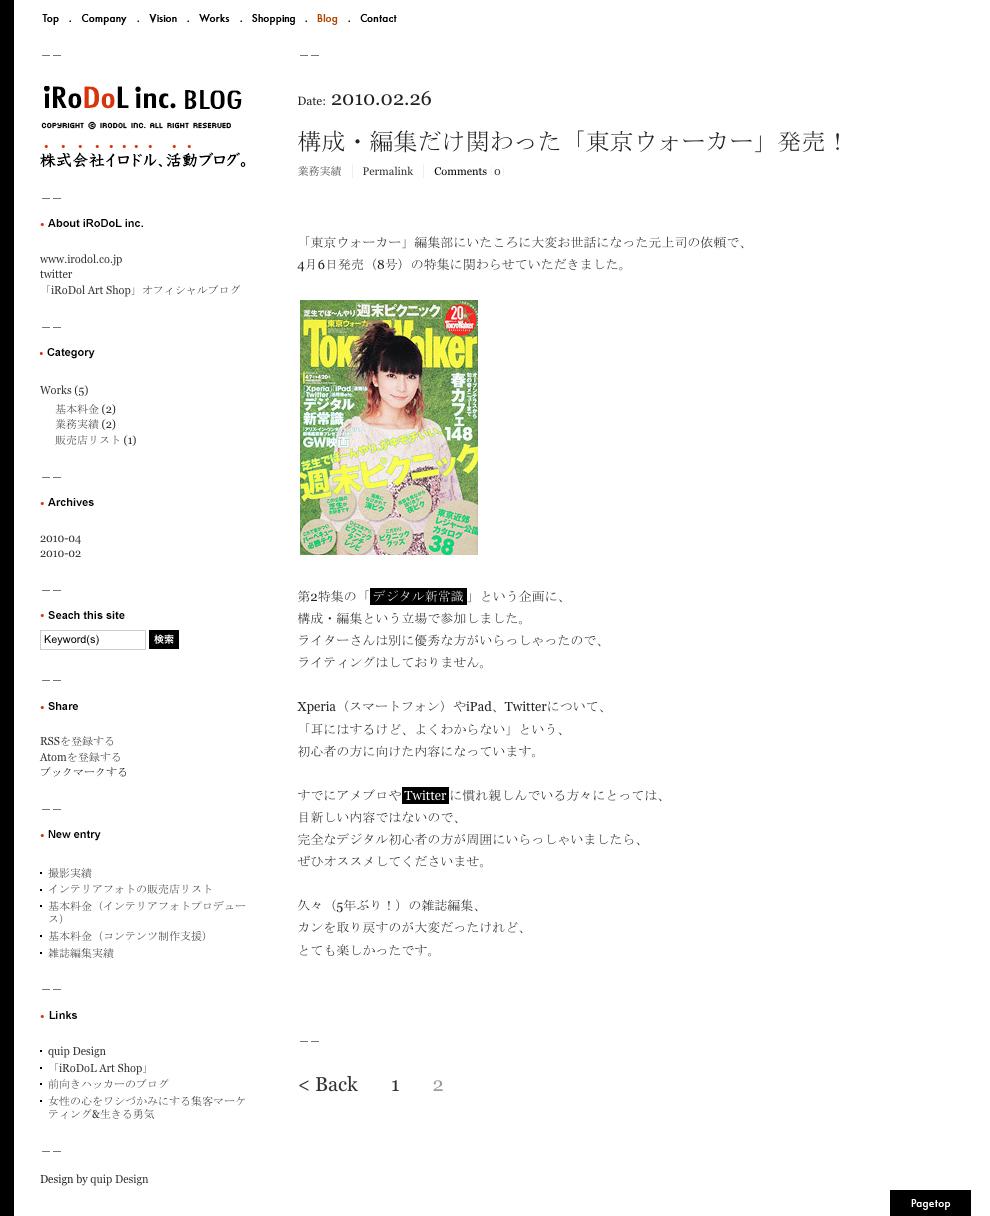 iRoDolブログ